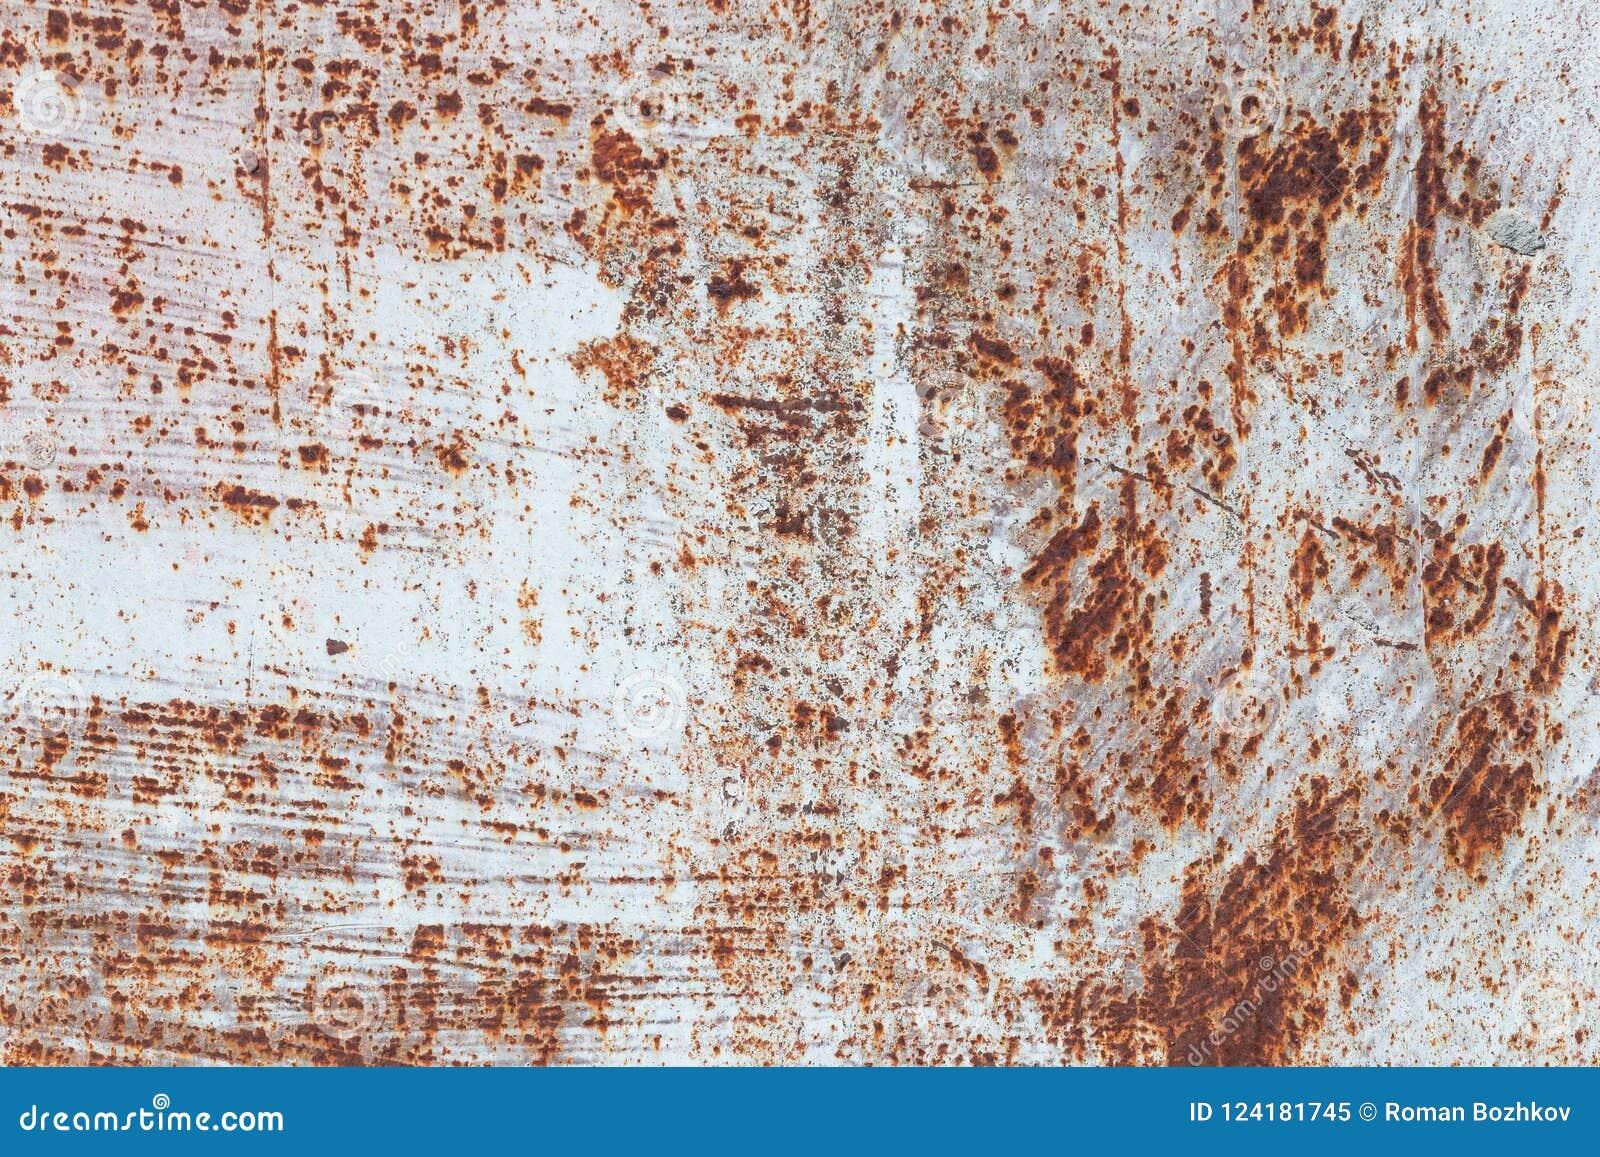 生锈的铁,老金属表面上的破裂的油漆,生锈的金属板料纹理与破裂和片状油漆,抽象生锈的